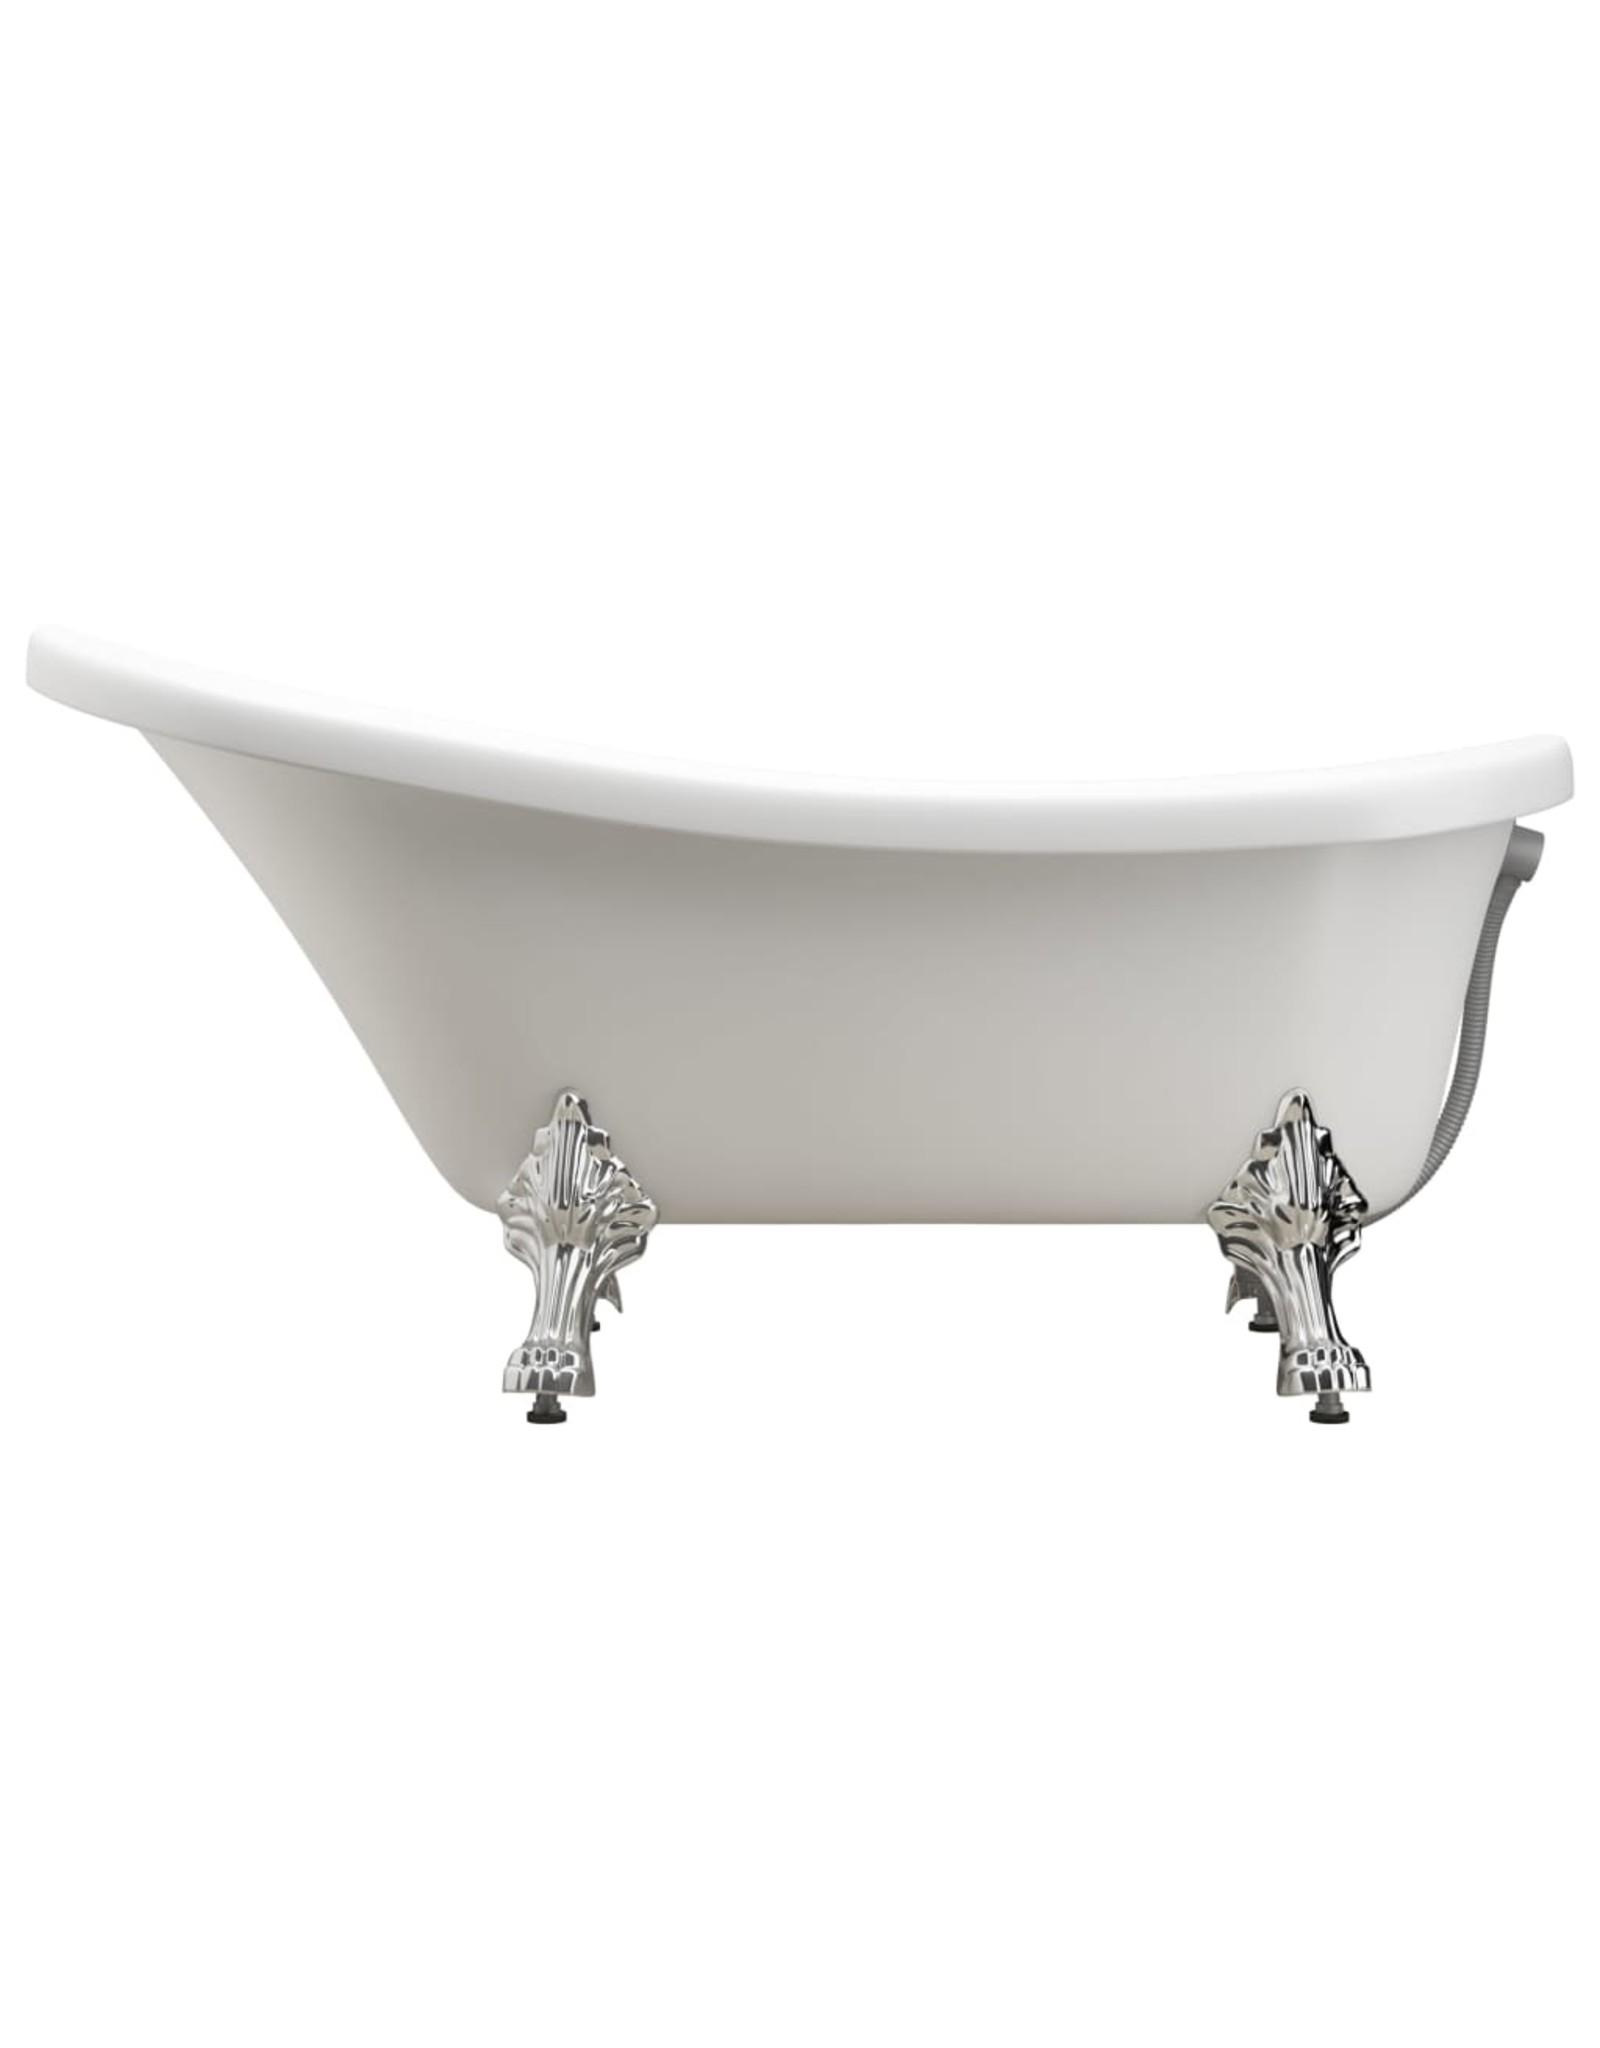 Badkuip vrijstaand met leeuwenpoten acryl wit